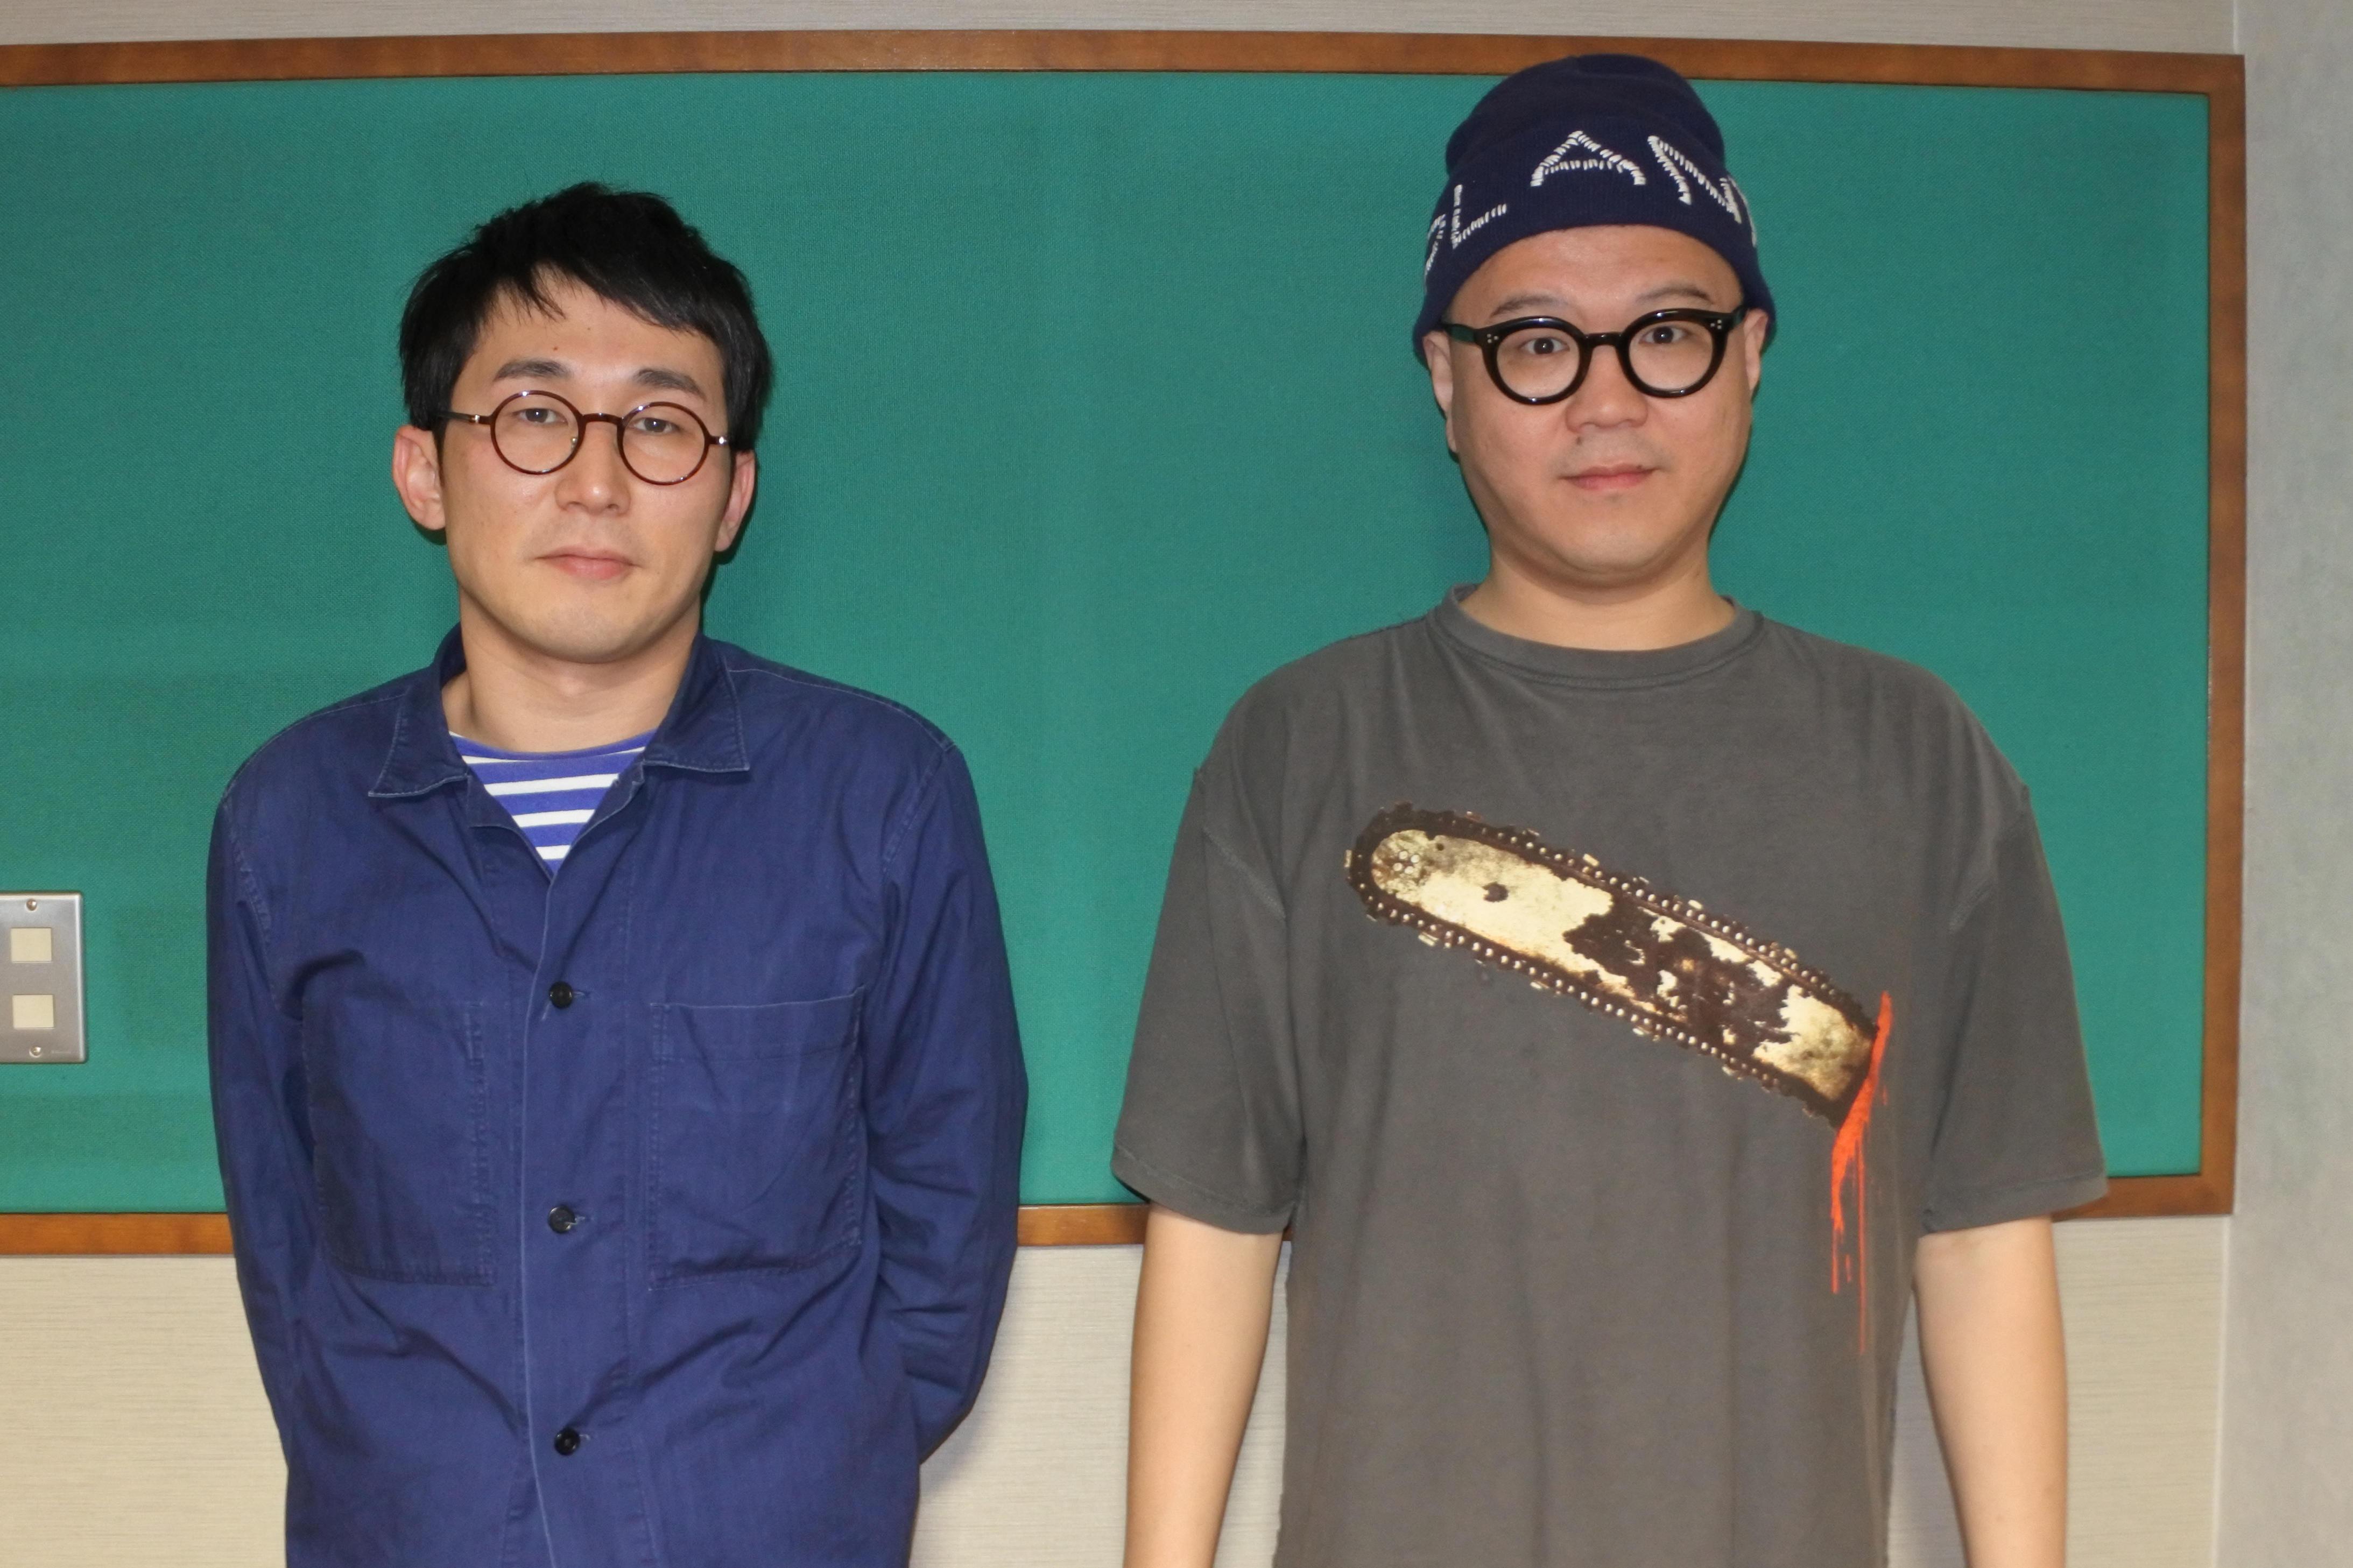 http://news.yoshimoto.co.jp/20180213181756-1156c3ccf6cdaa1074f29dc793d2c650b4e1c1e3.jpg